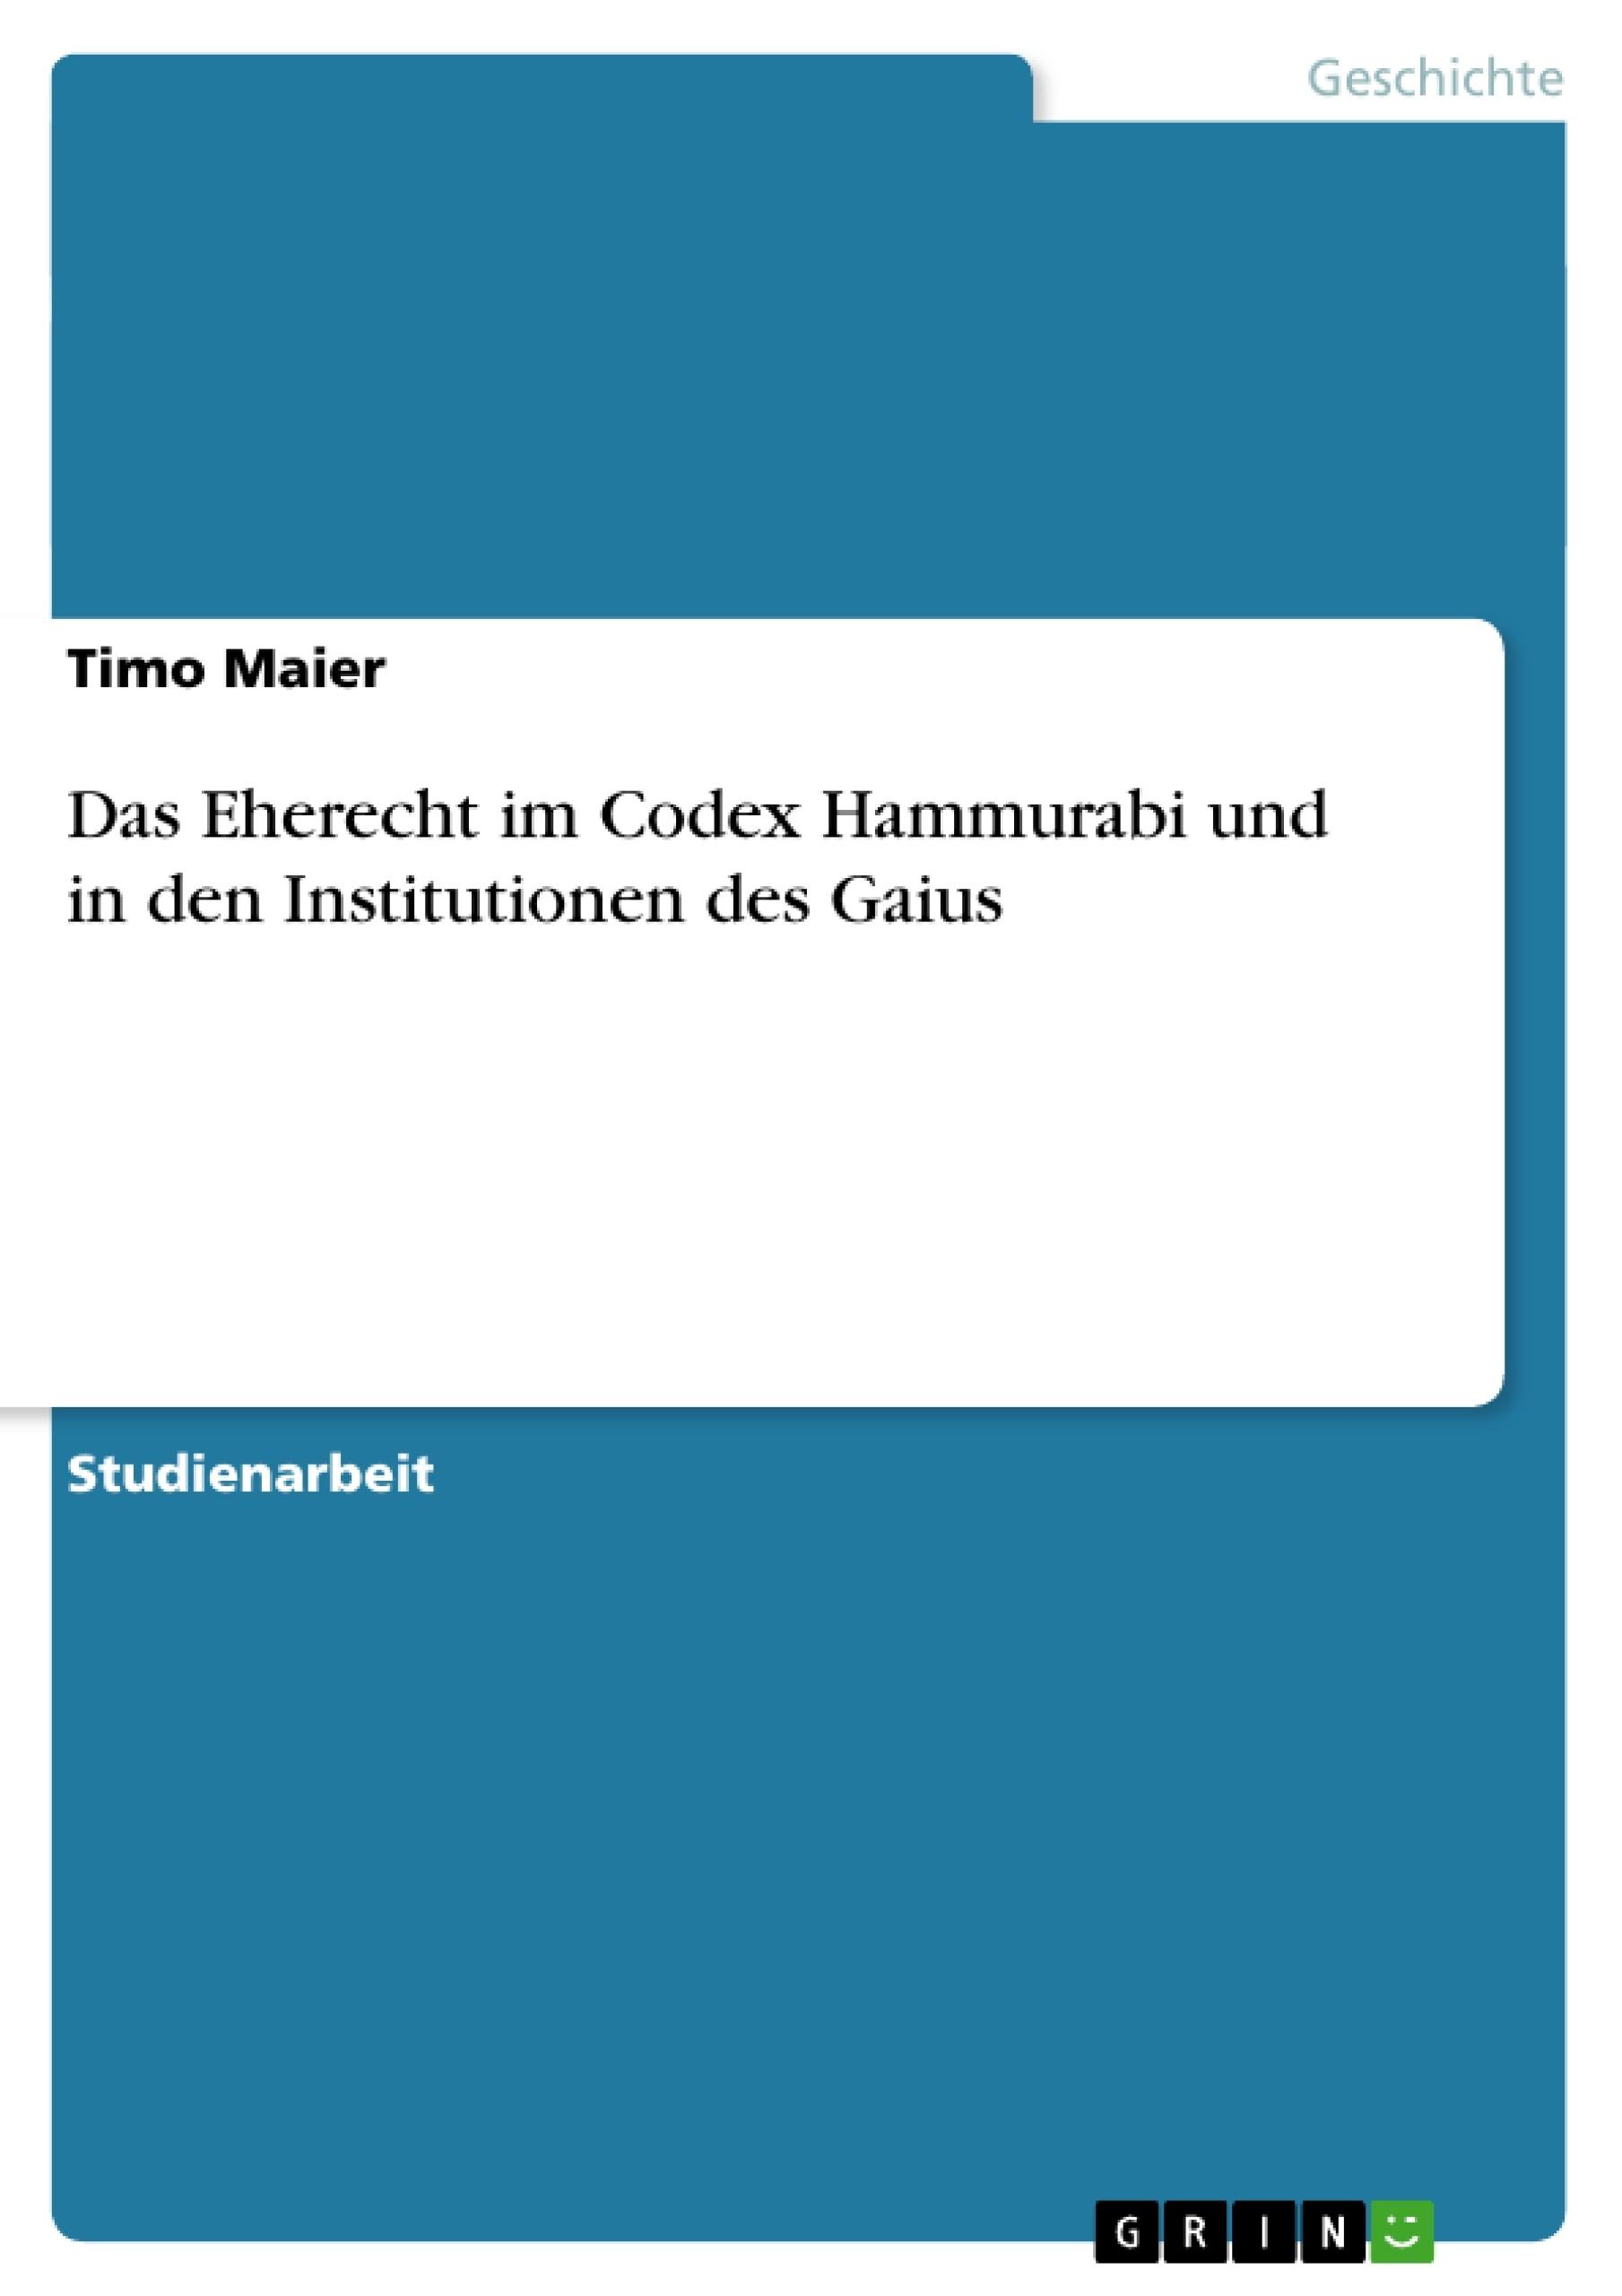 Titel: Das Eherecht im Codex Hammurabi und in den Institutionen des Gaius